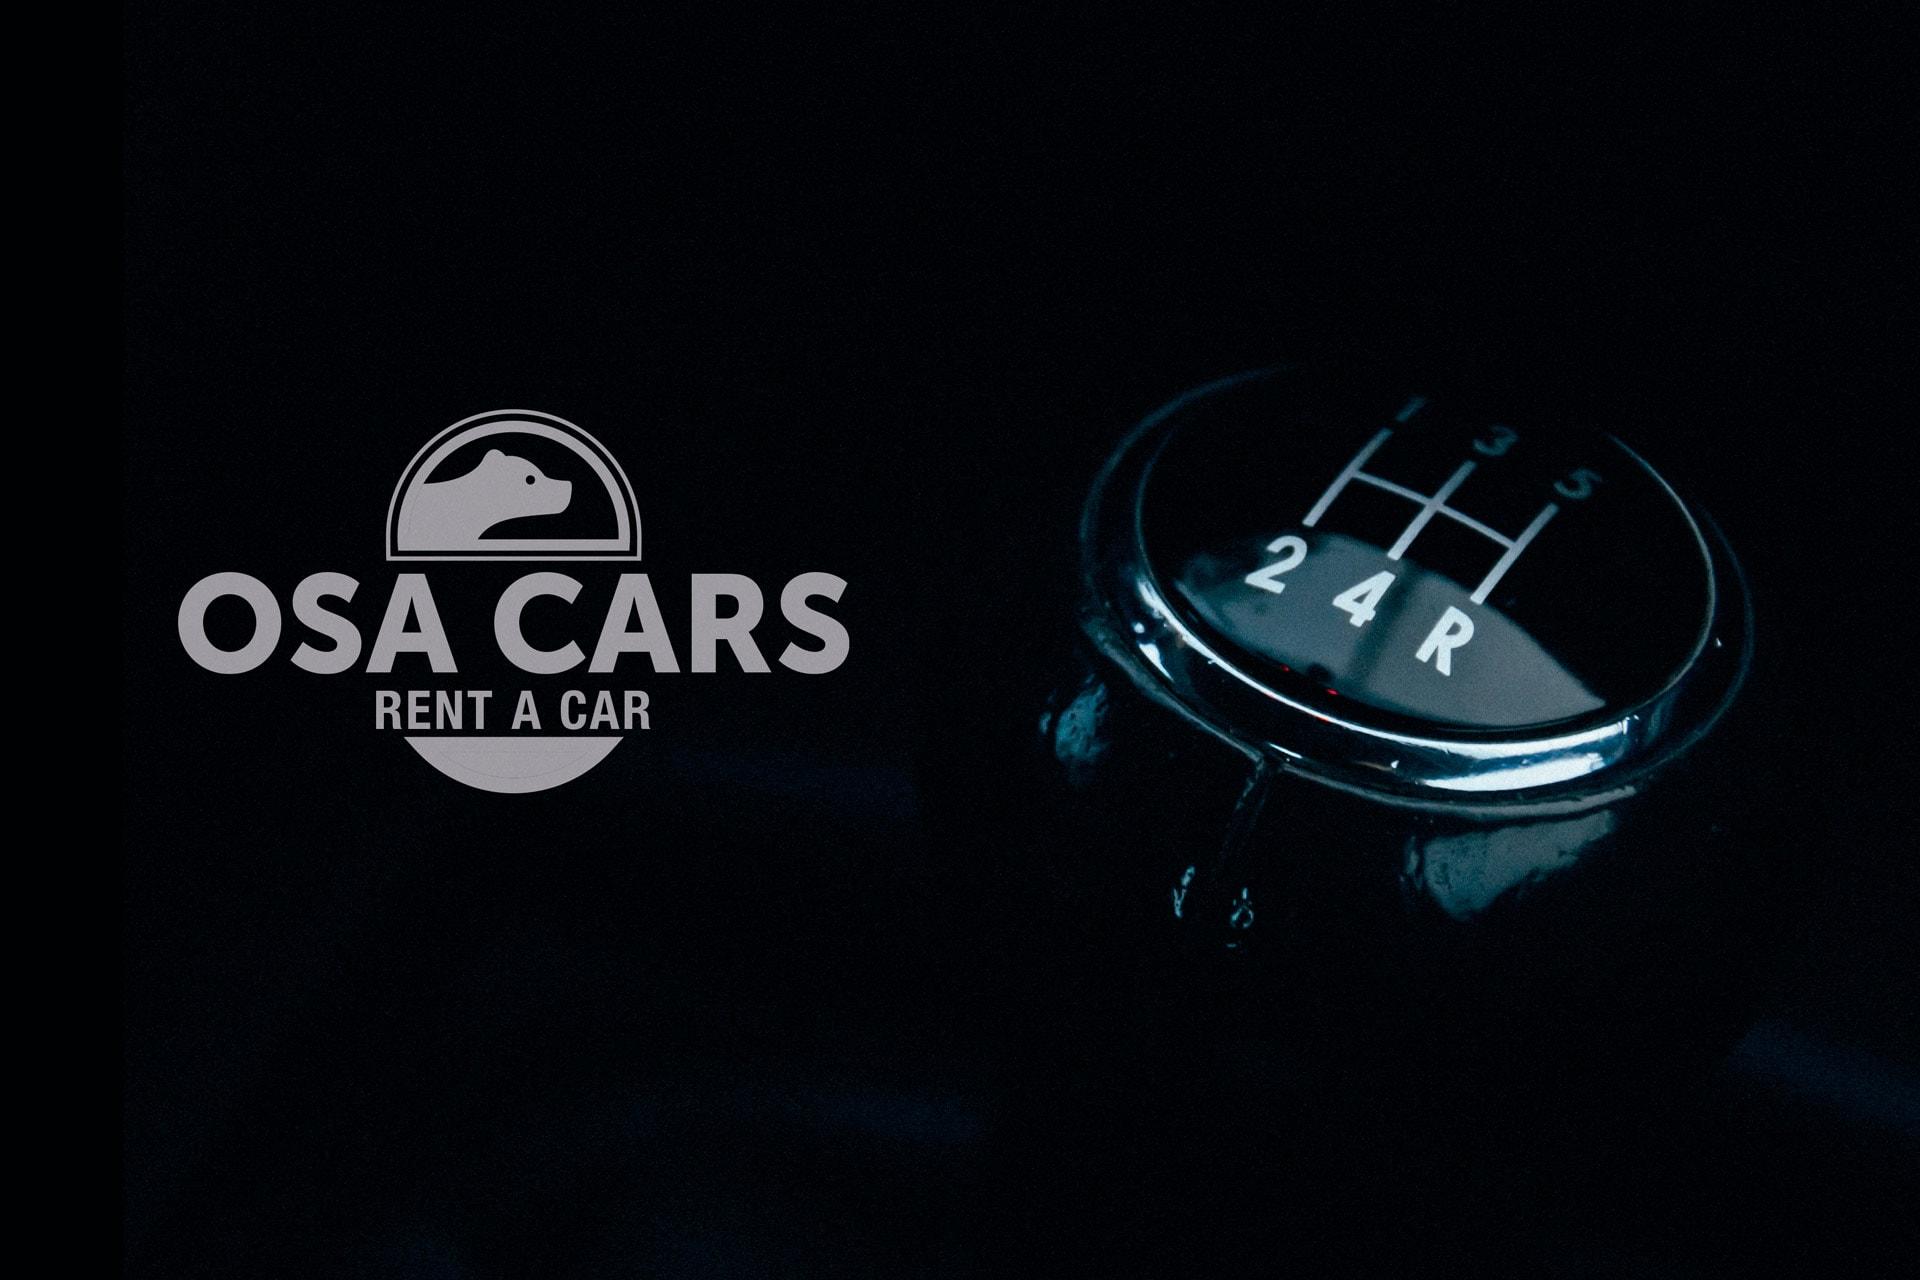 Imagen de Marca Osa Cars